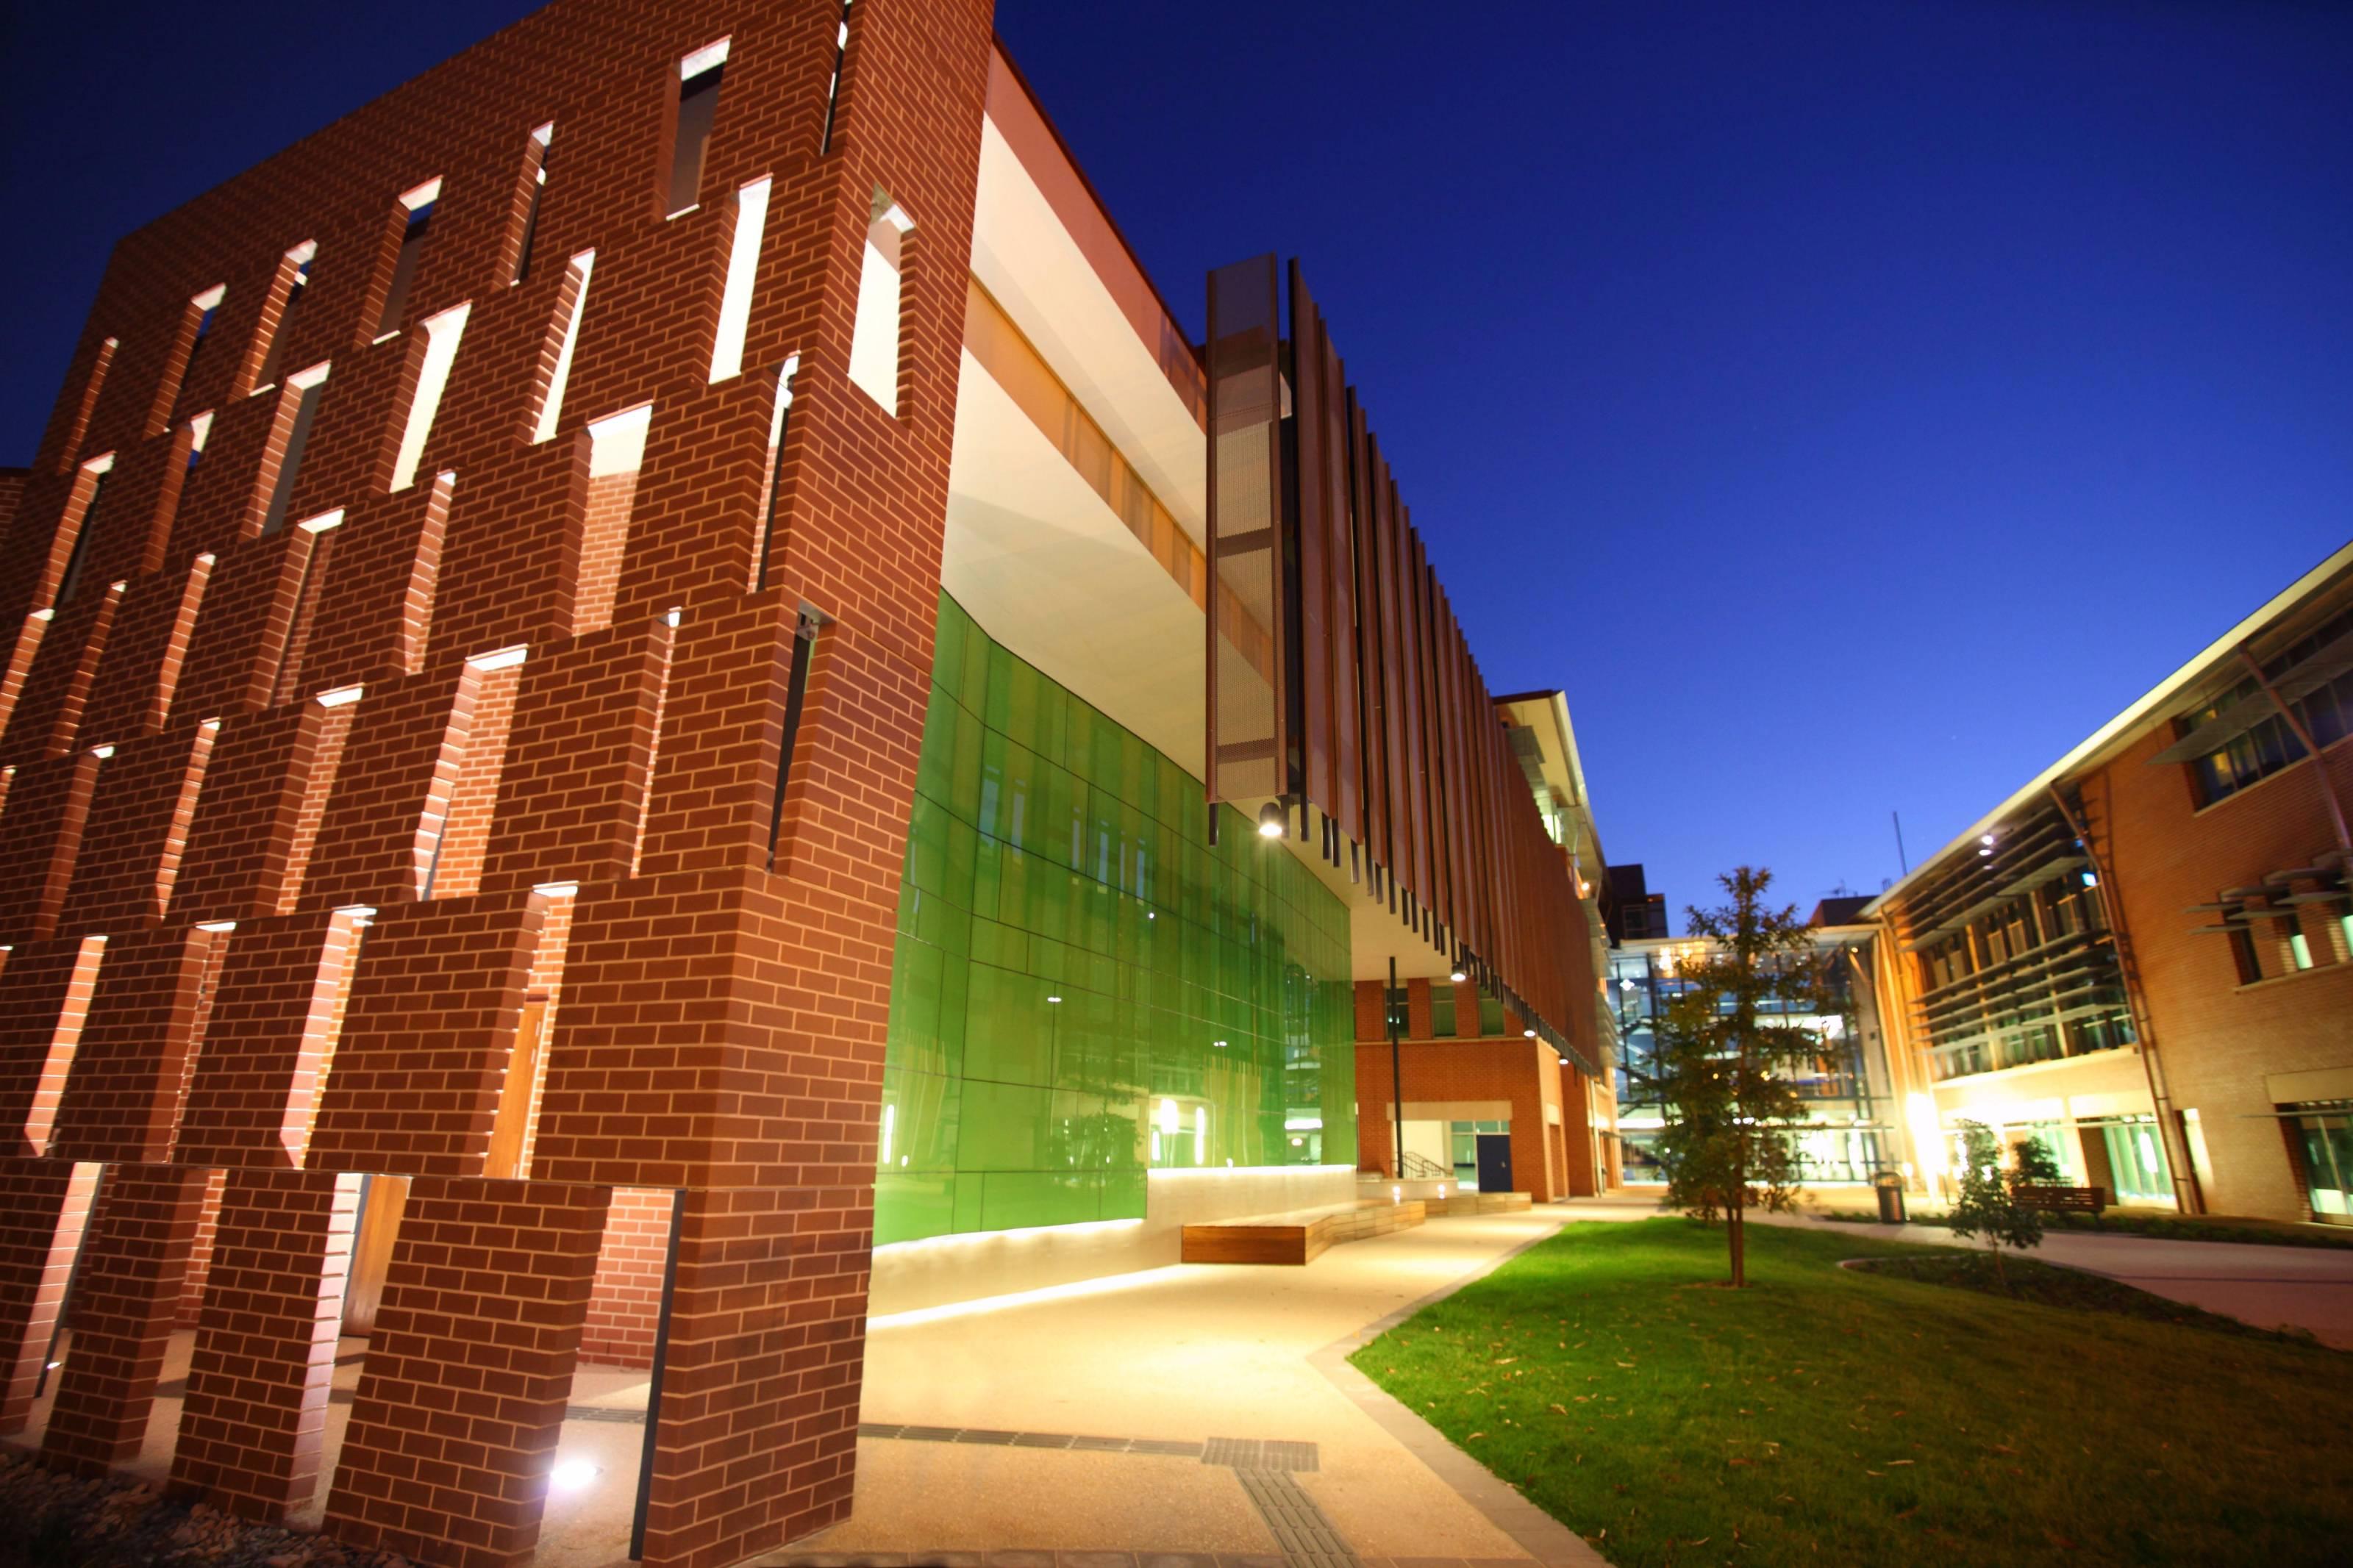 the university of queensland ipswich campus